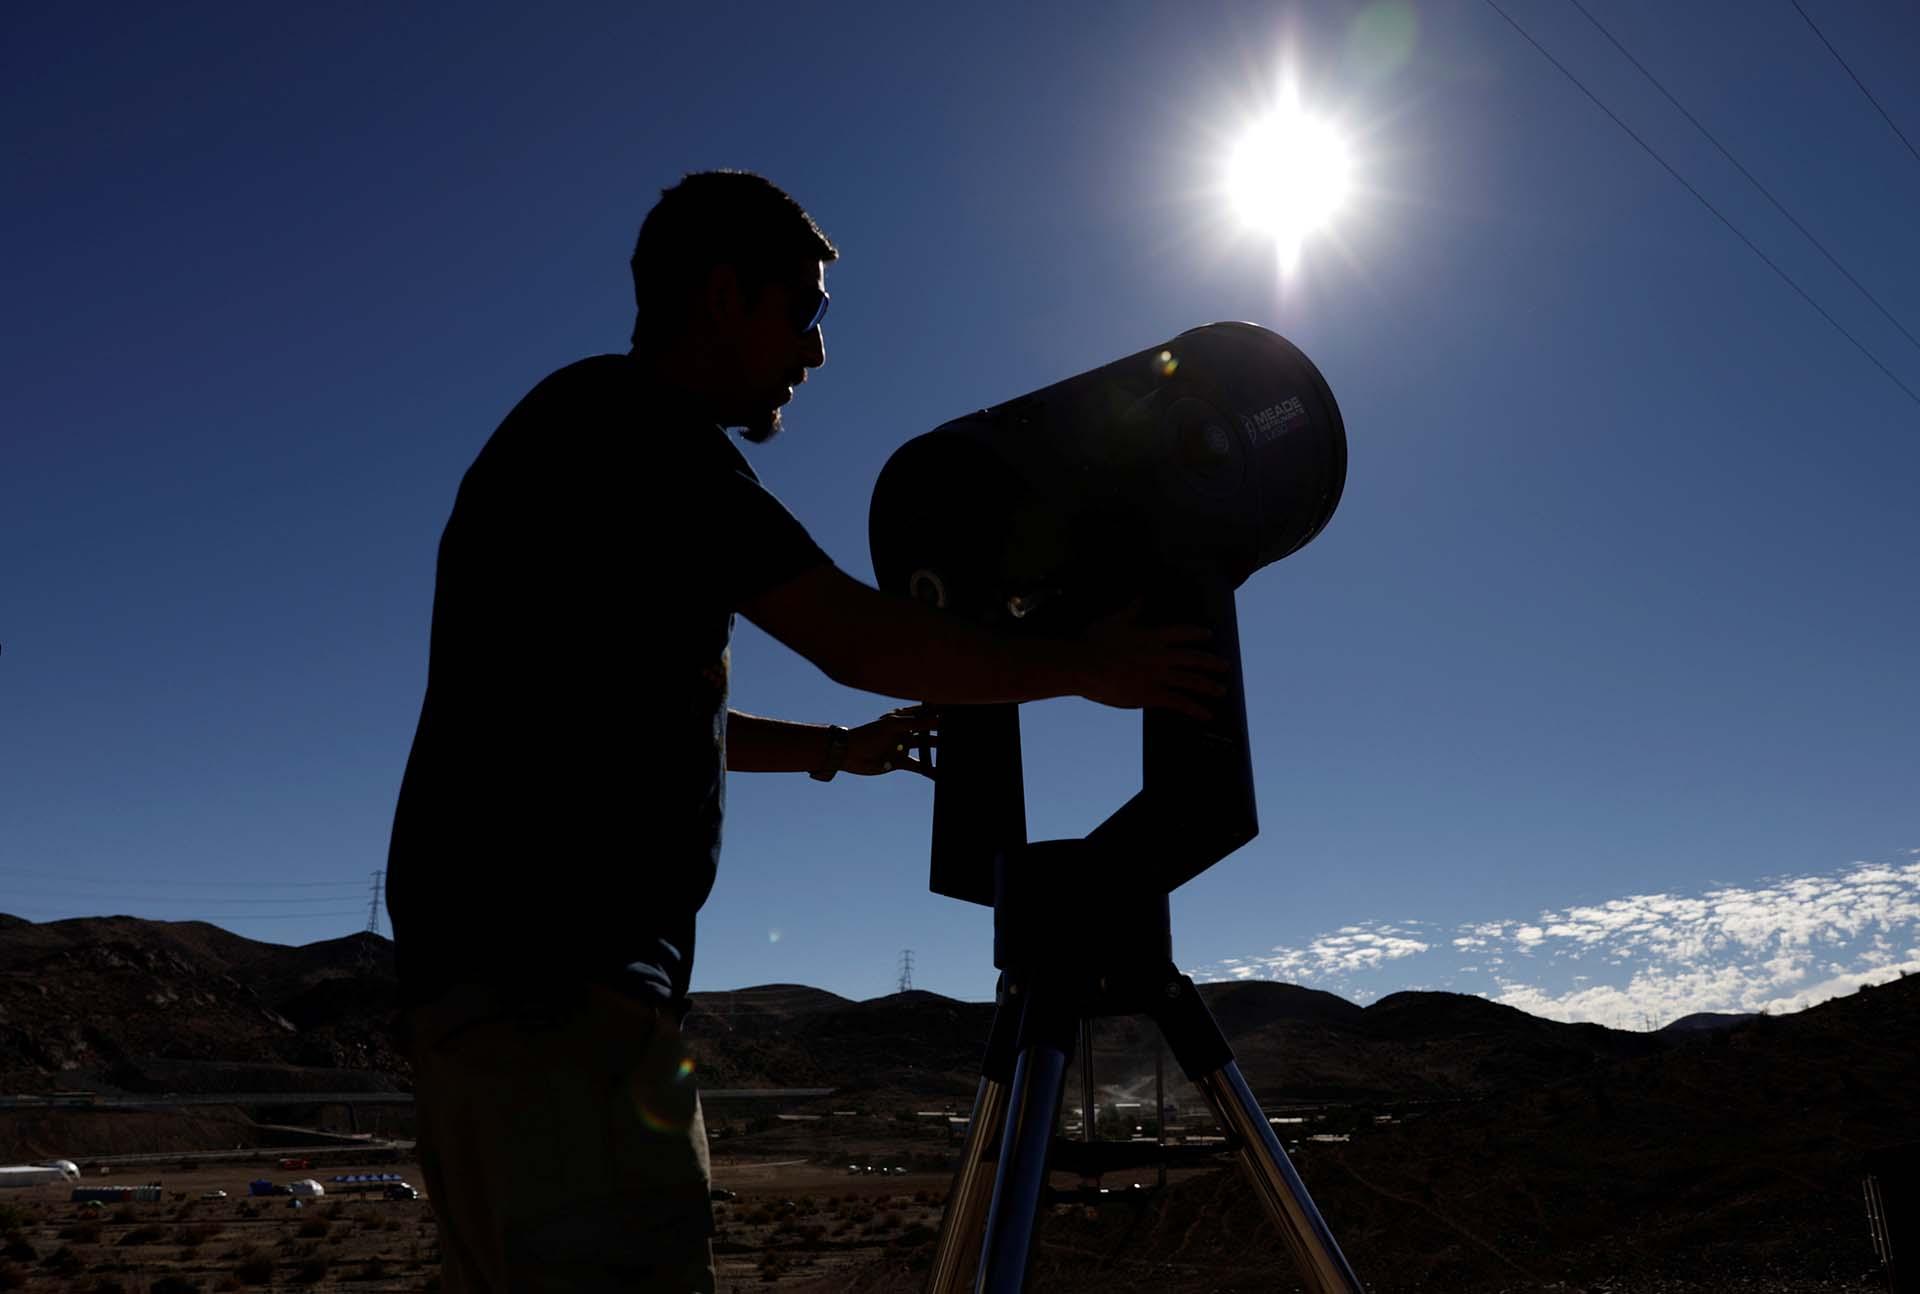 Un hombre se prepara para observar el sol con un telescopio en Incahuasi, Chile (REUTERS/Juan Jose Gonzalez Galaz)